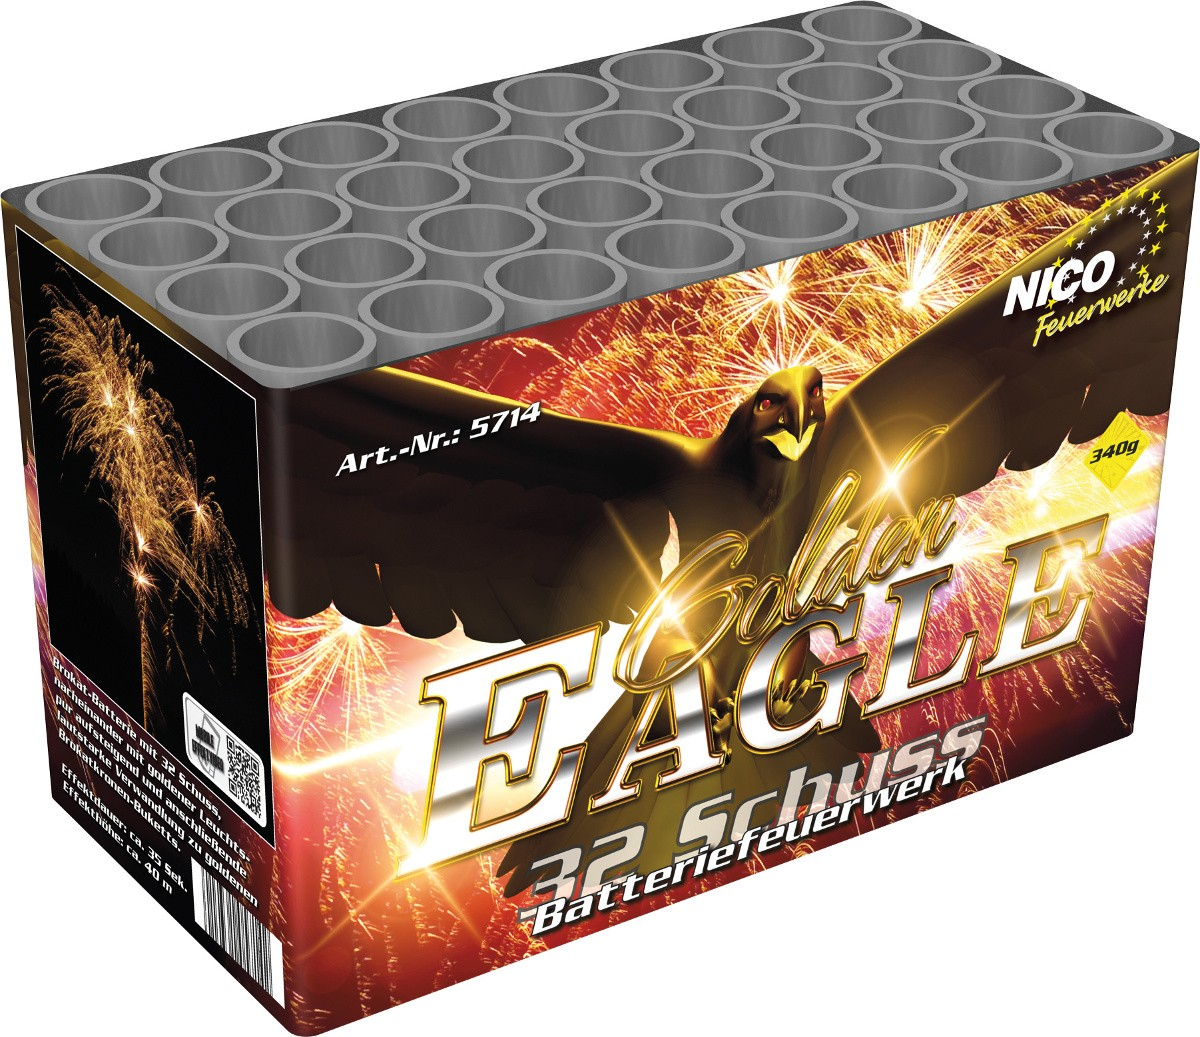 Golden Eagle Feuerwerk Batterie 32 Schuss